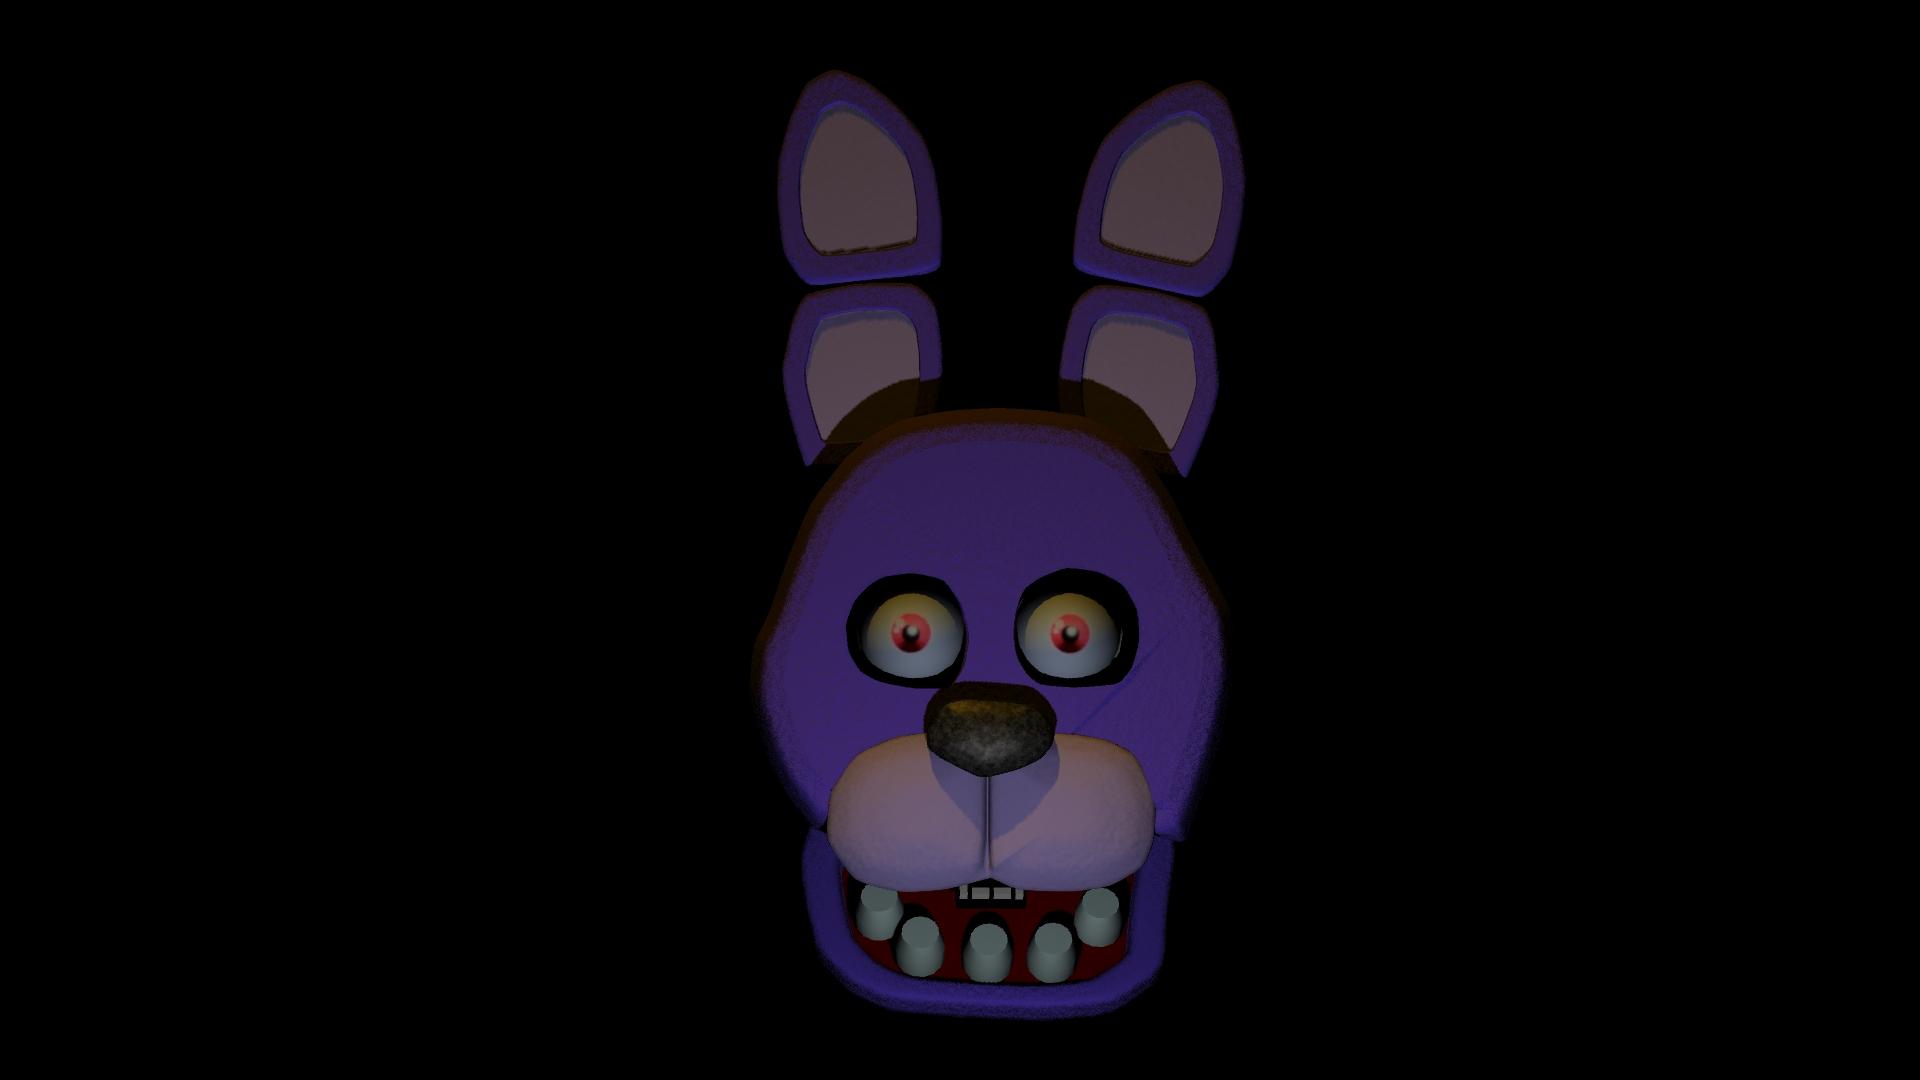 Five Nights At Freddy's Bonnie Animated bonnie head model | five nights at freddy's | know your meme